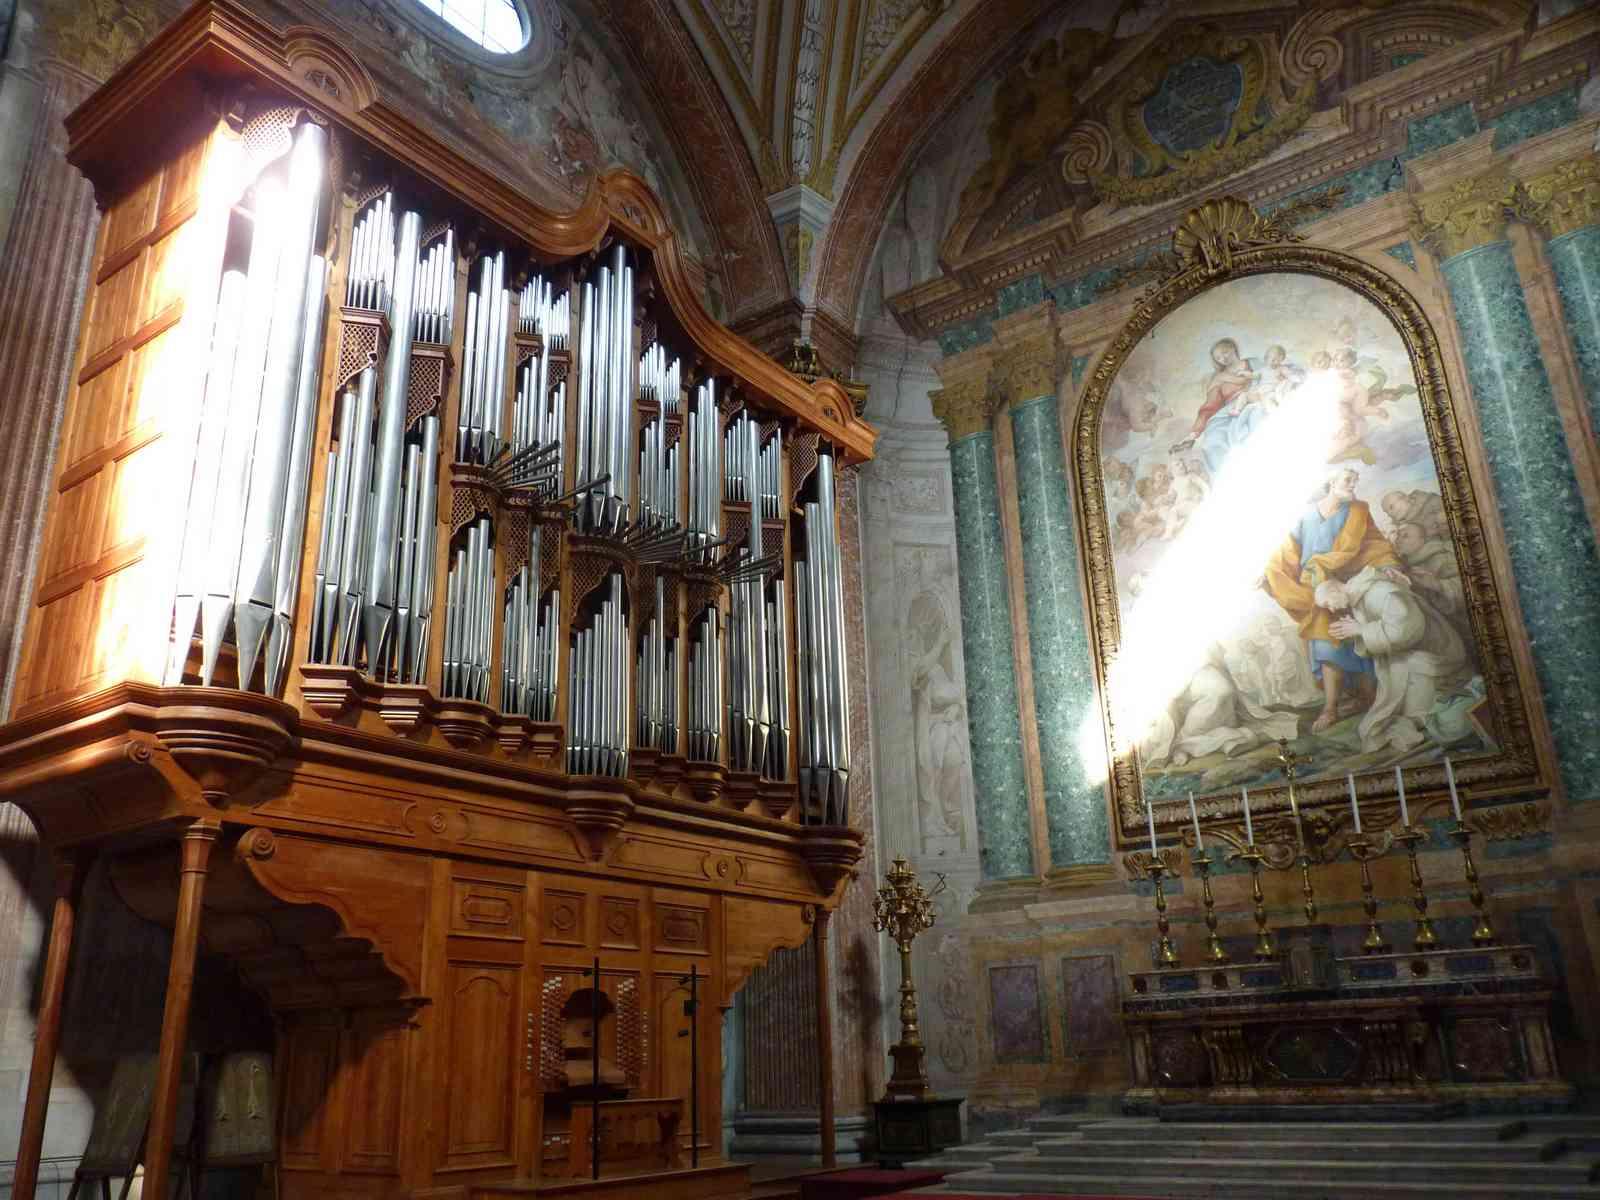 The towering pipe organ at Santa Maria degli Angeli e dei Martiri